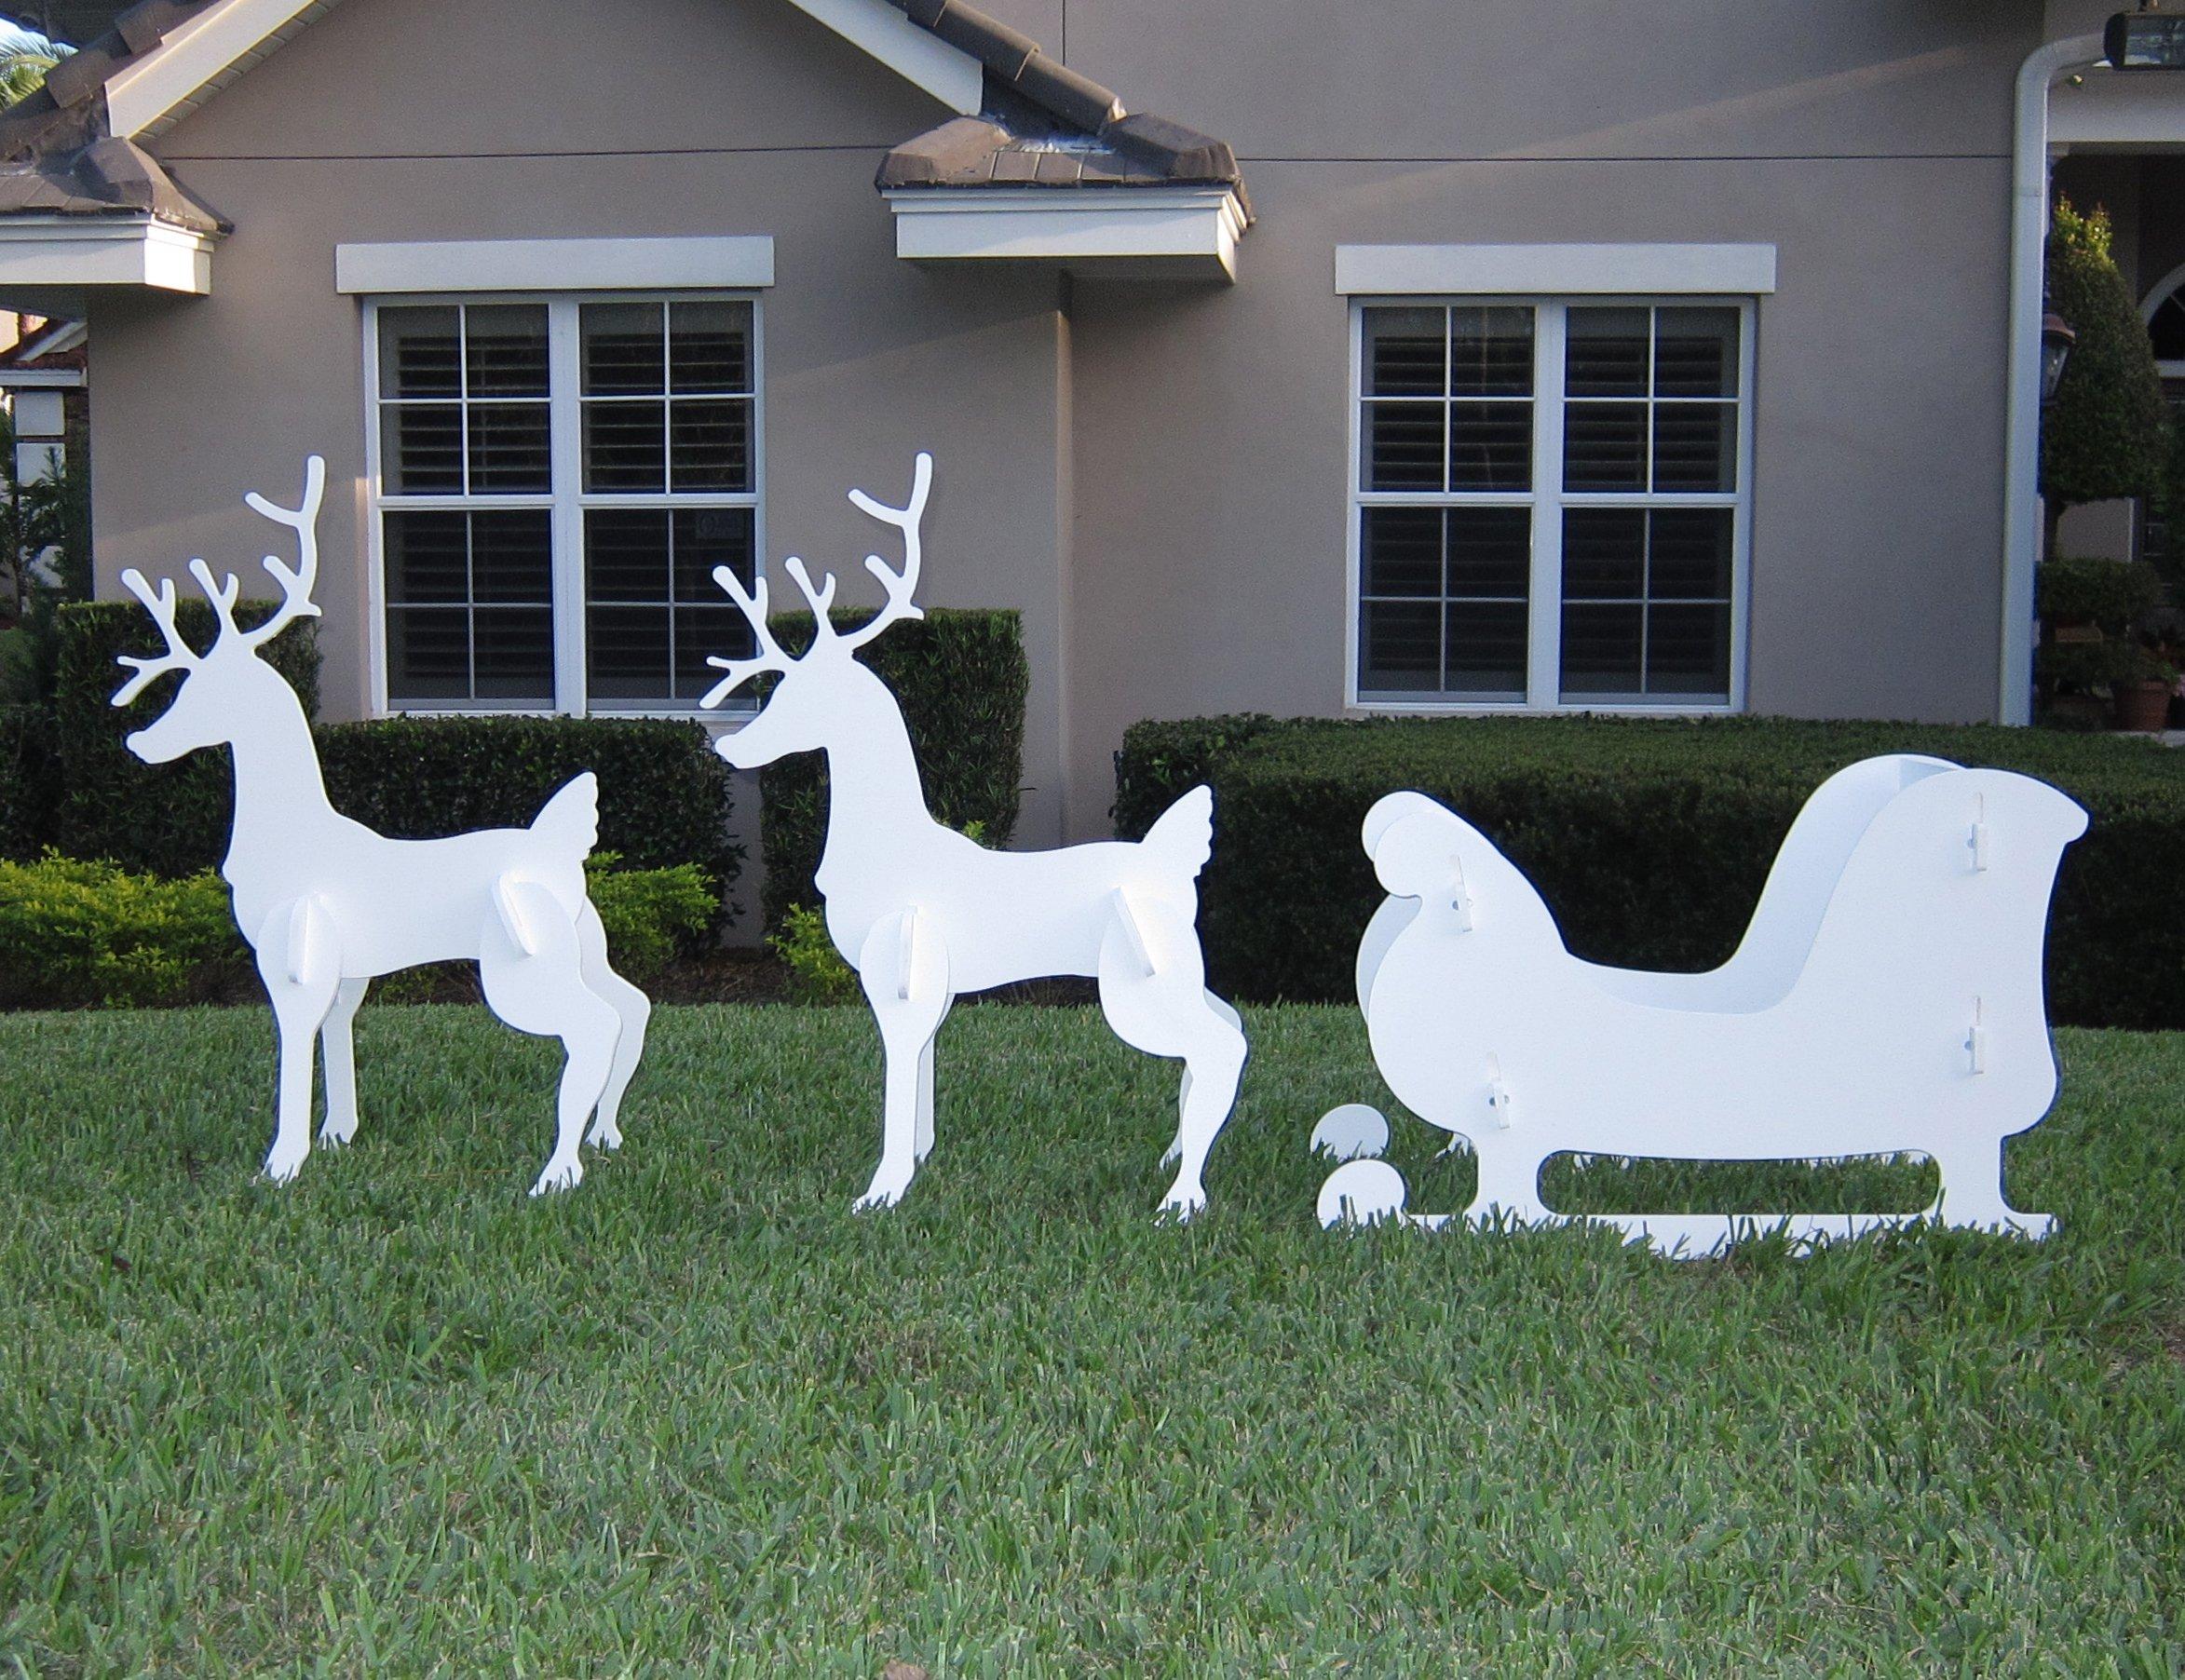 Christmas Outdoor Santa Sleigh and 2 Reindeer Set by Teak Isle (Image #2)